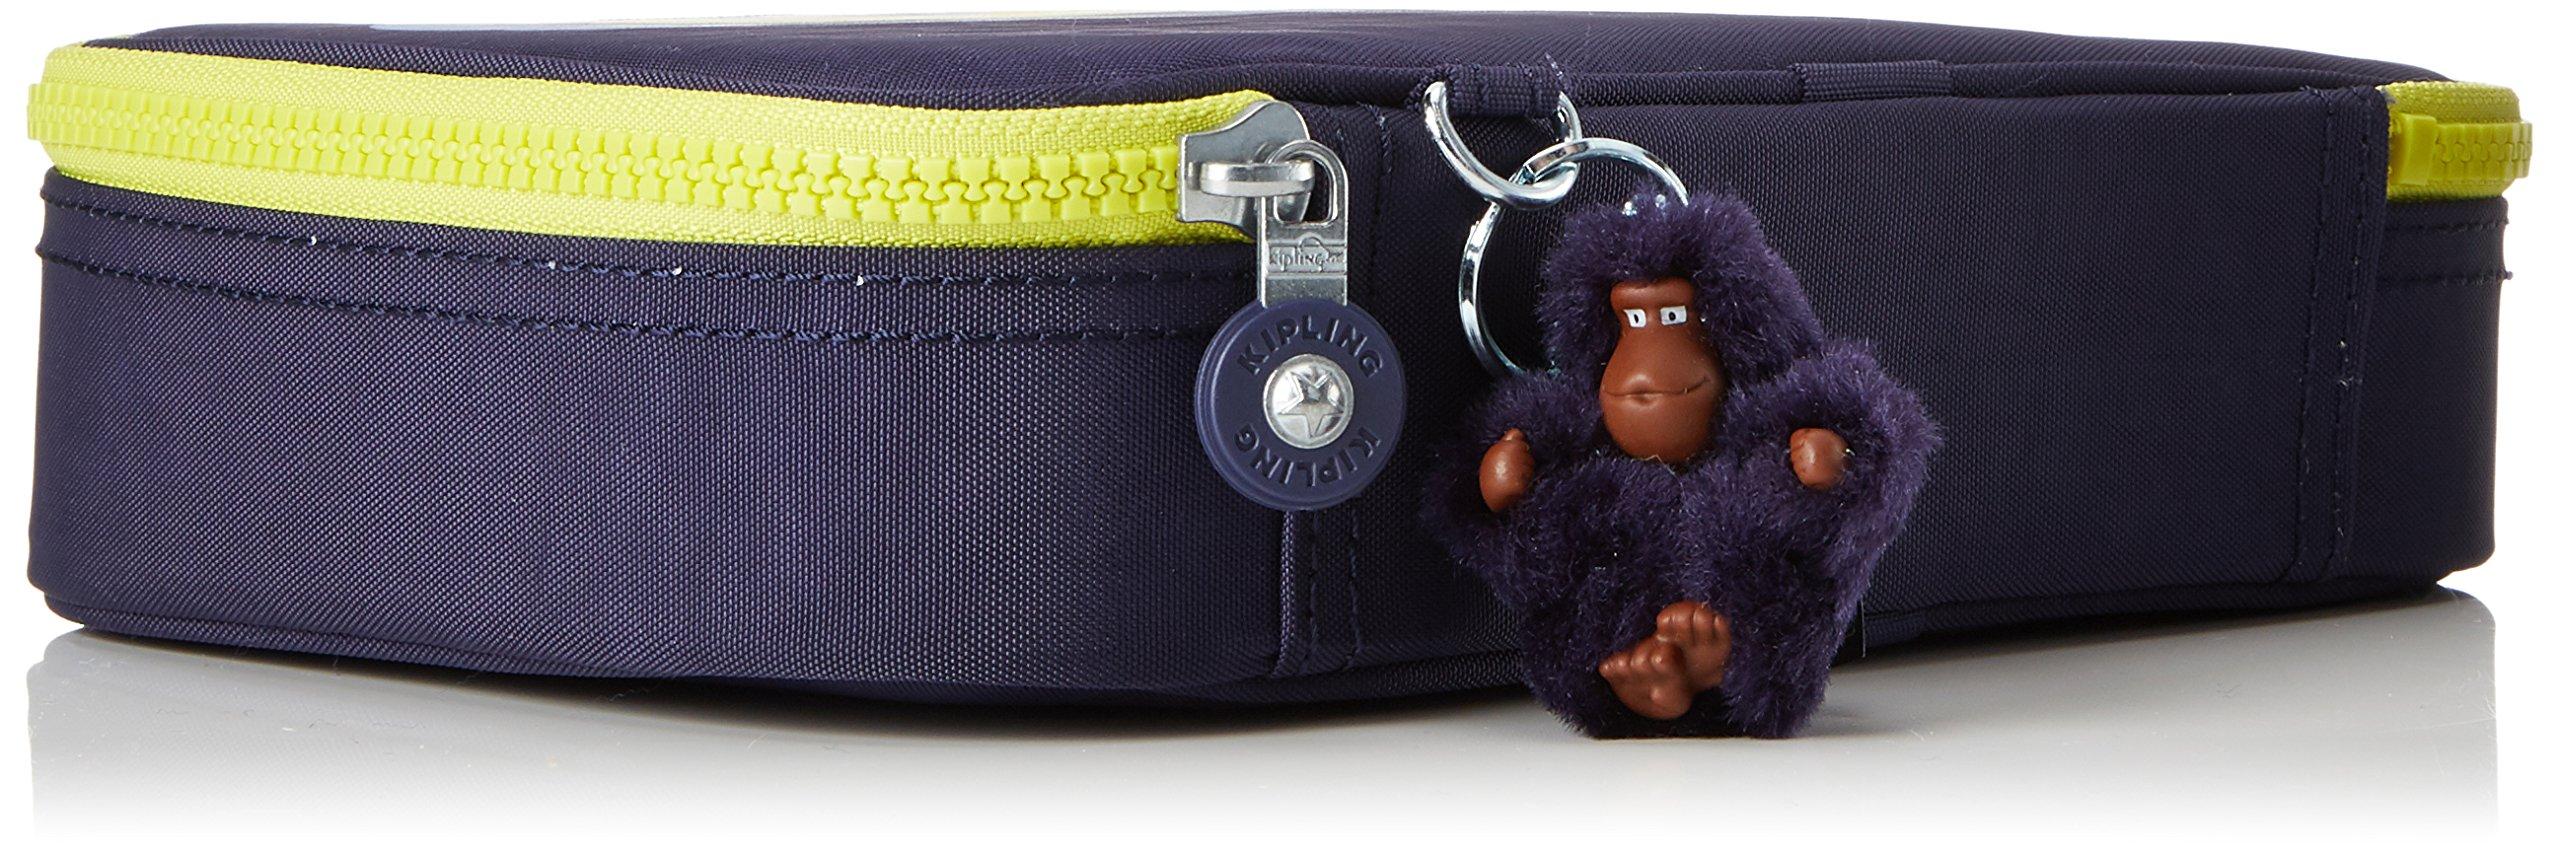 Kipling 100 Pens Plus Estuches, 21 cm, 1.5 litros, Varios colores (P Monkey Face)